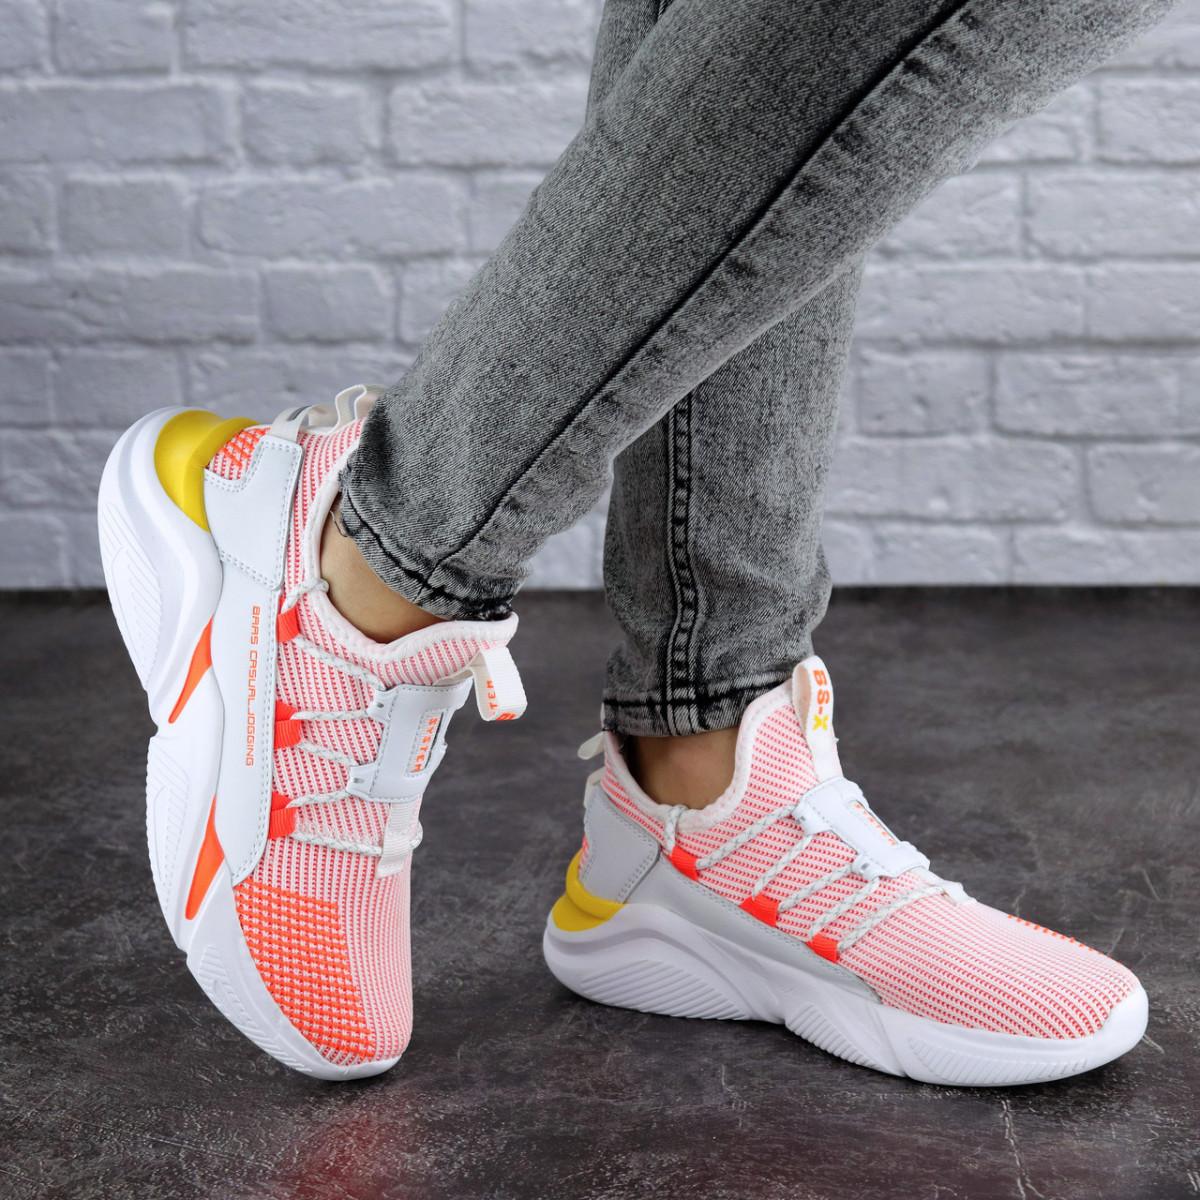 Жіночі кросівки Fashion Louie 1880 36 розмір 23 см Рожевий